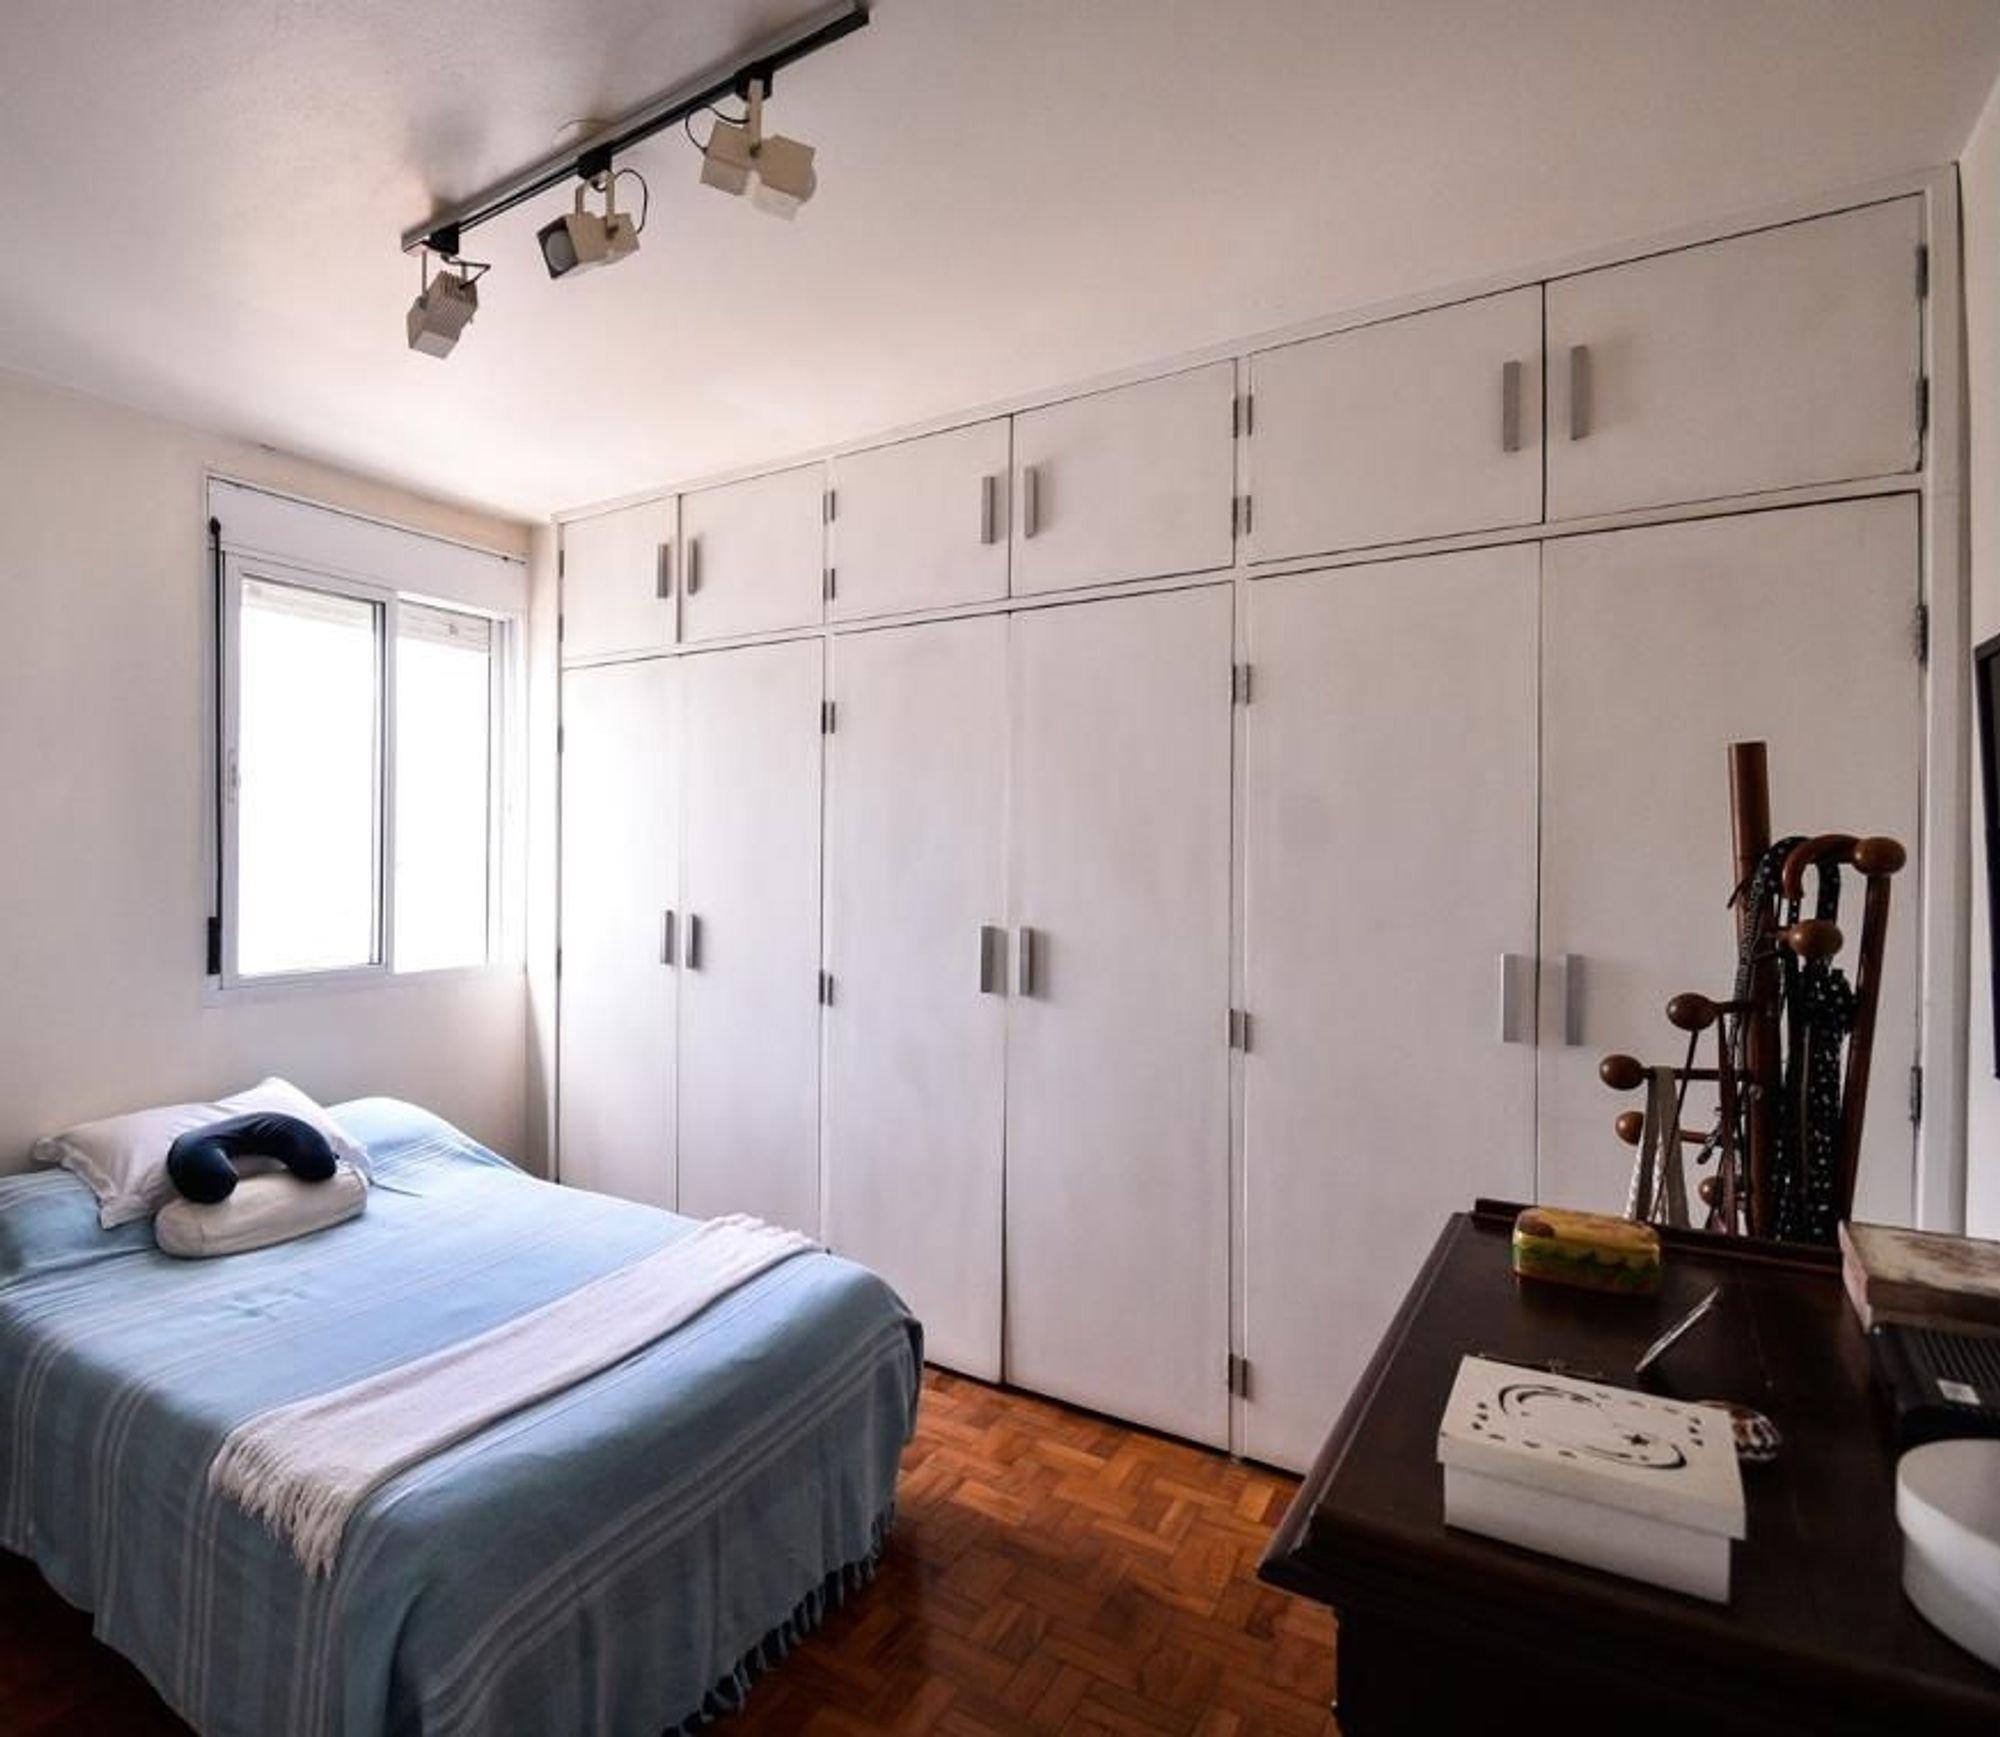 Foto de Quarto com cama, pia